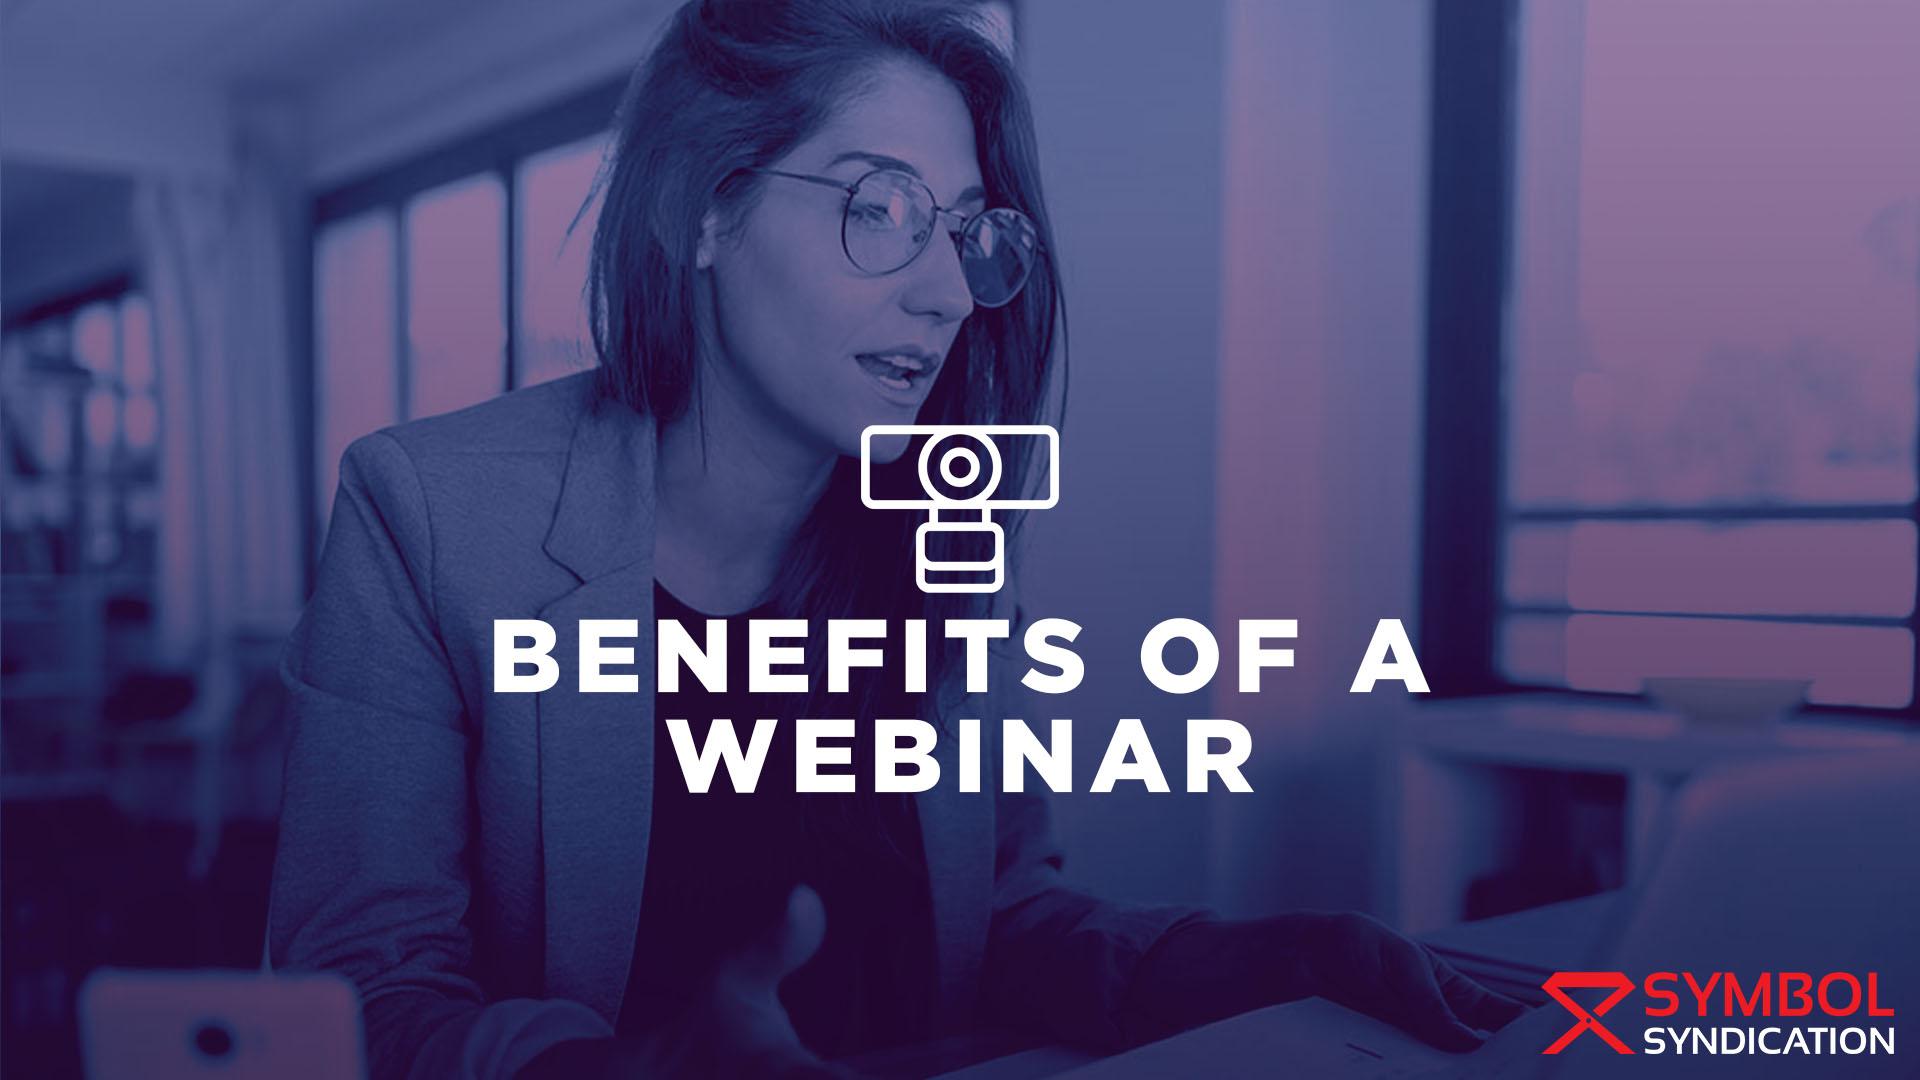 Benefits of a webinar banner